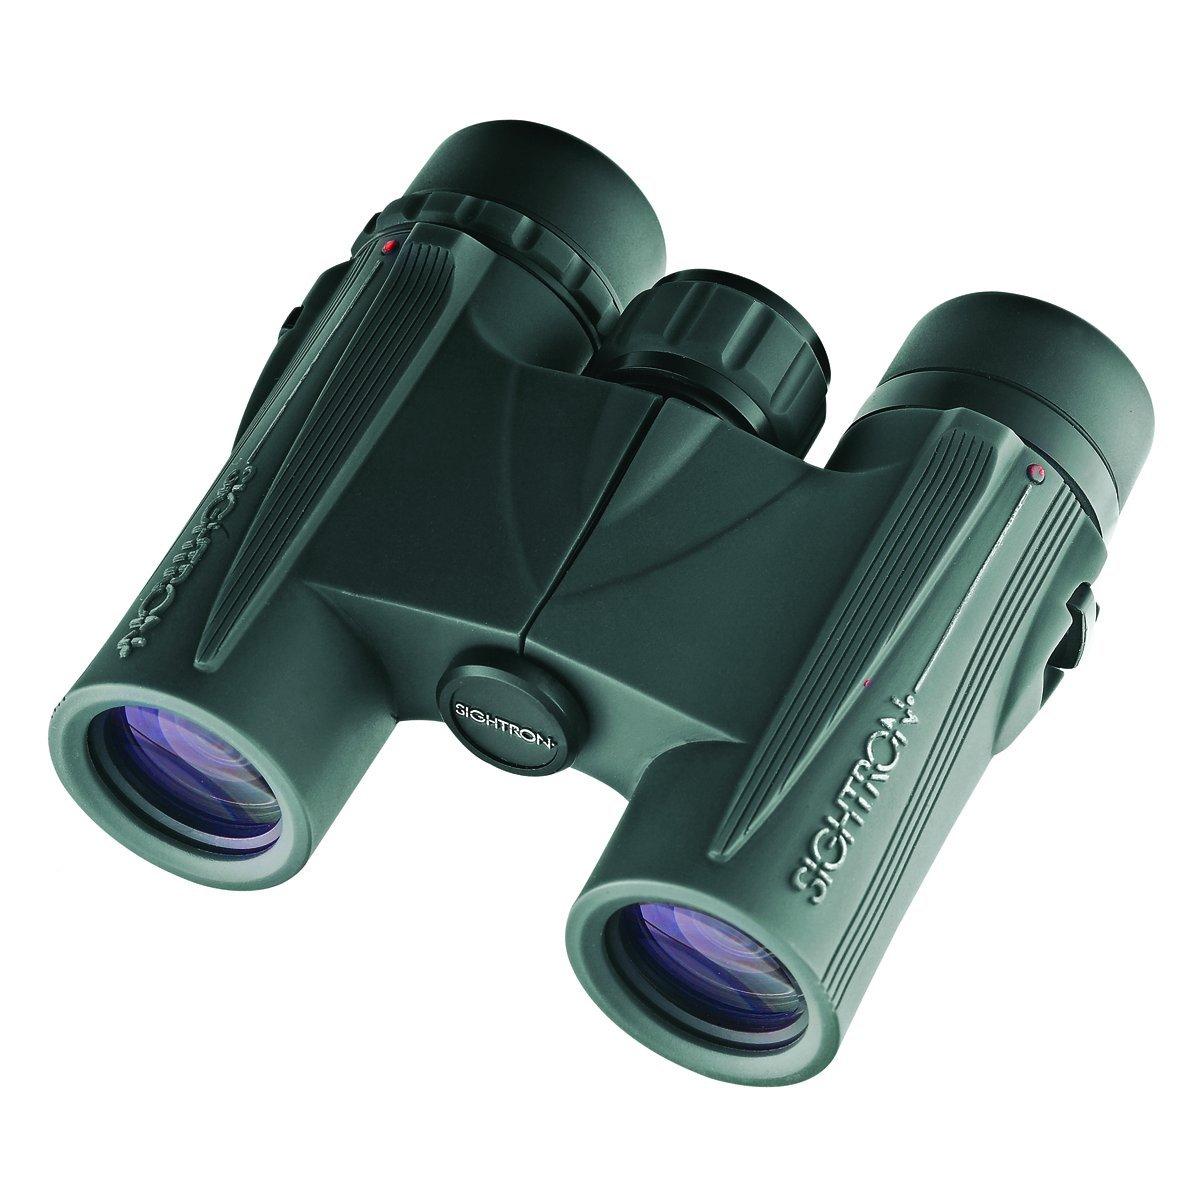 ツイストアップ機能付き双眼鏡を比較/サイトロン双眼鏡SI825